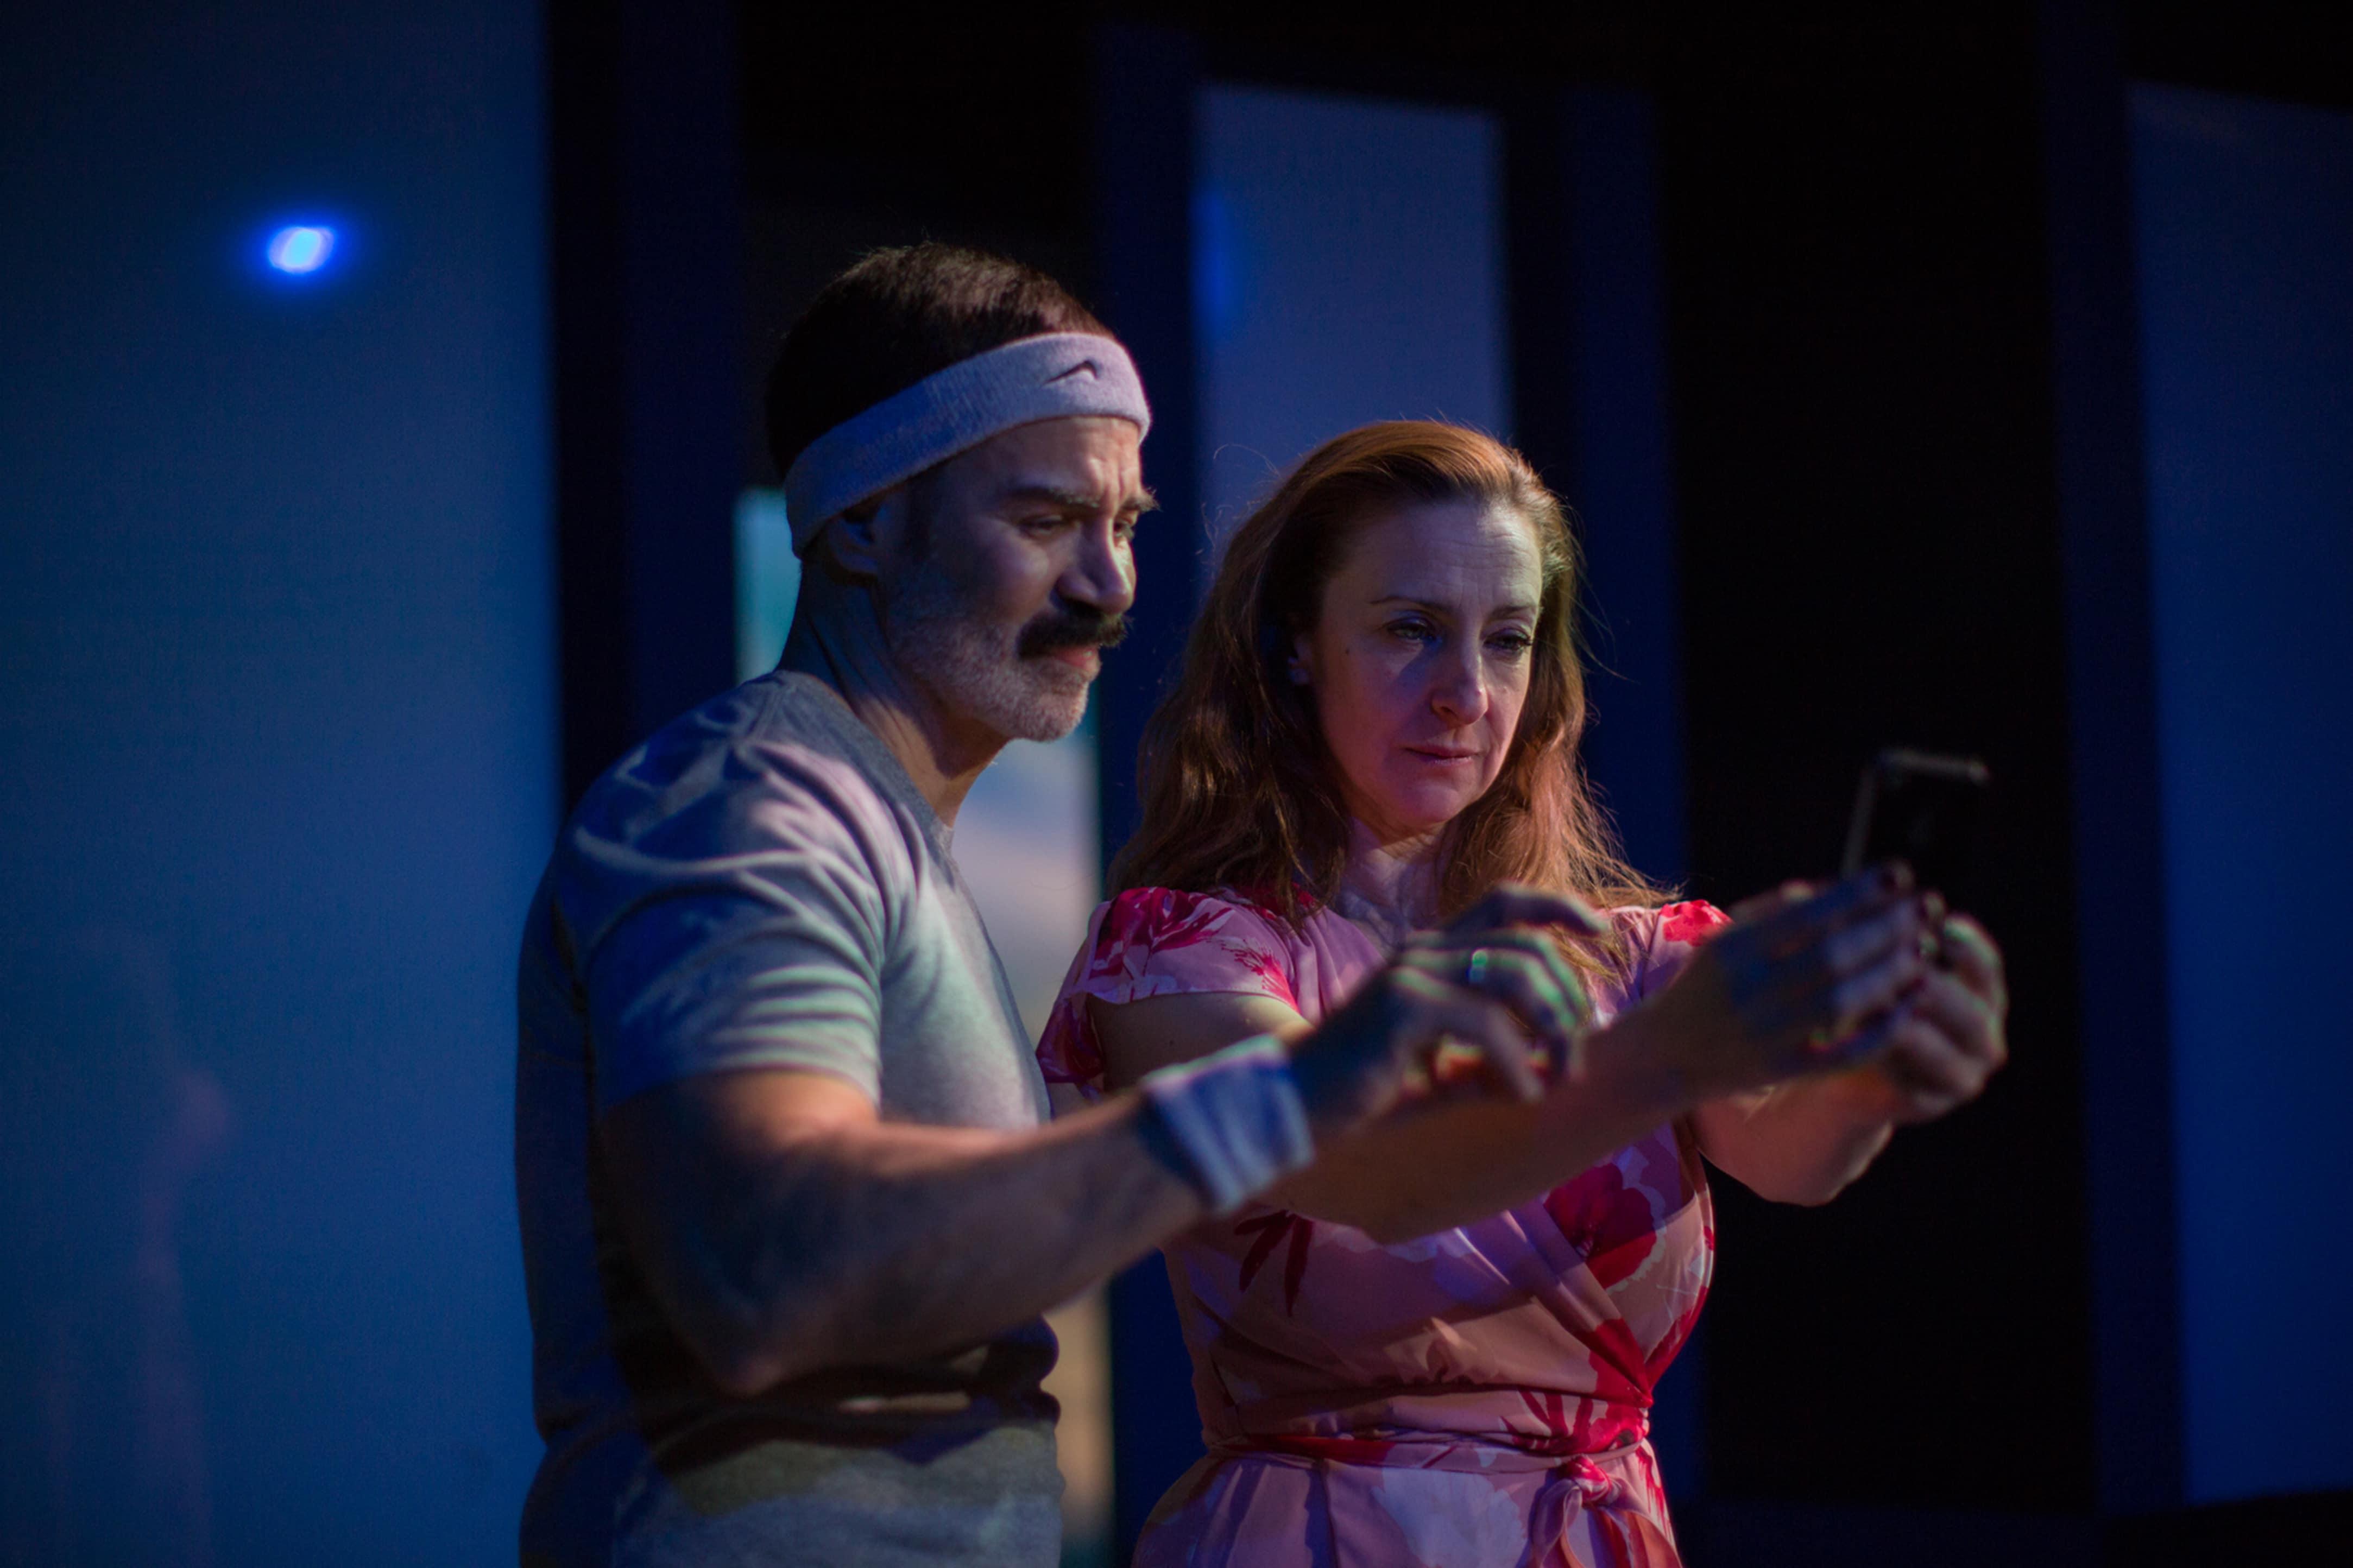 Carlos Castillo and Luz Nicolás in La Foto: A Selfie Affair. Photo by Daniel Martínez